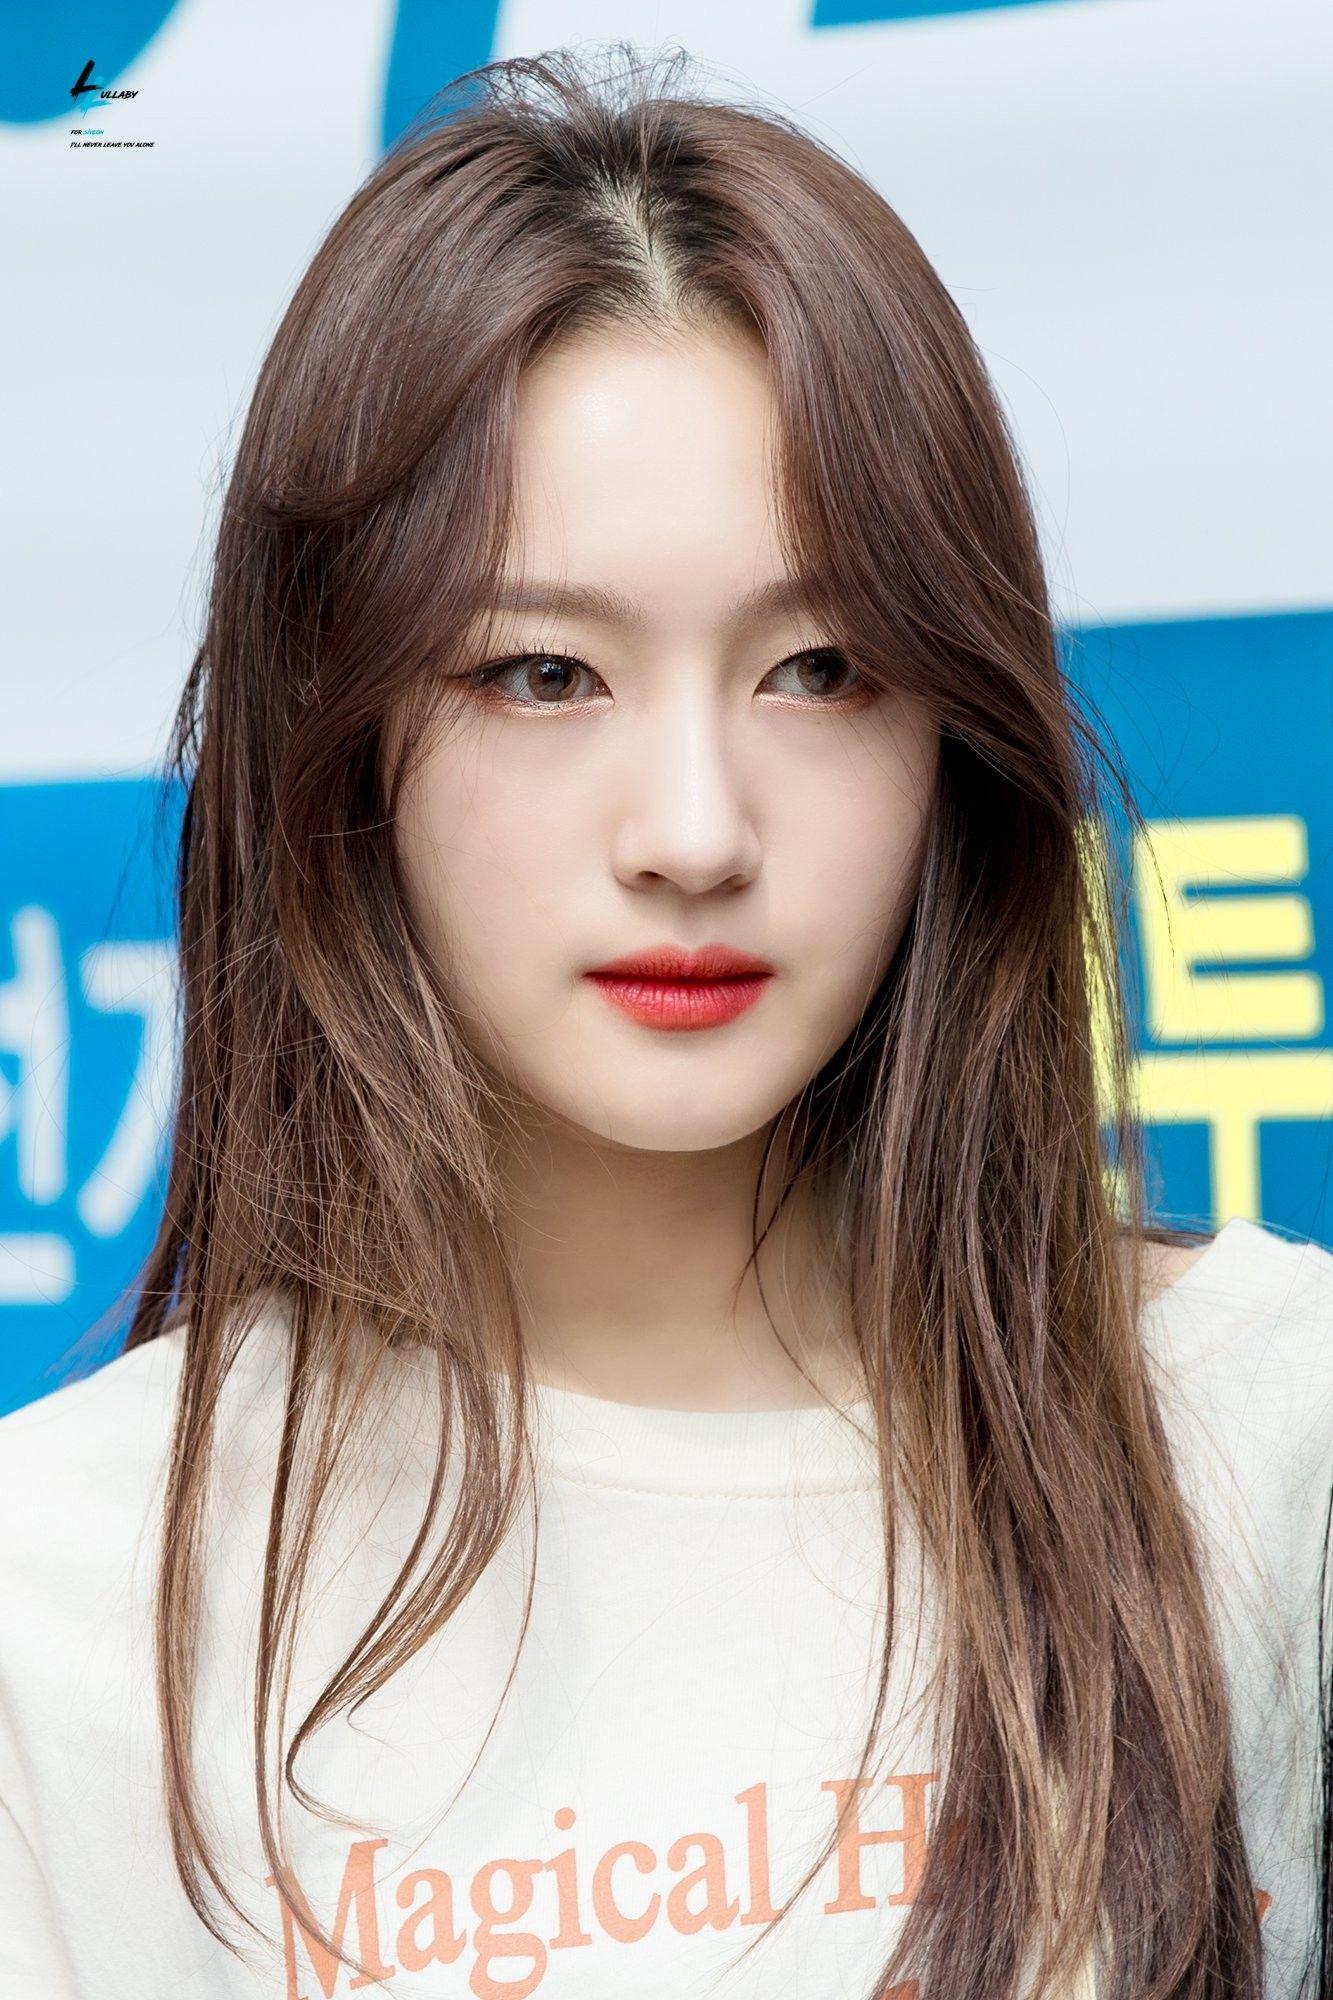 Siyeon Dream Catcher Gamer Girl Girl Group